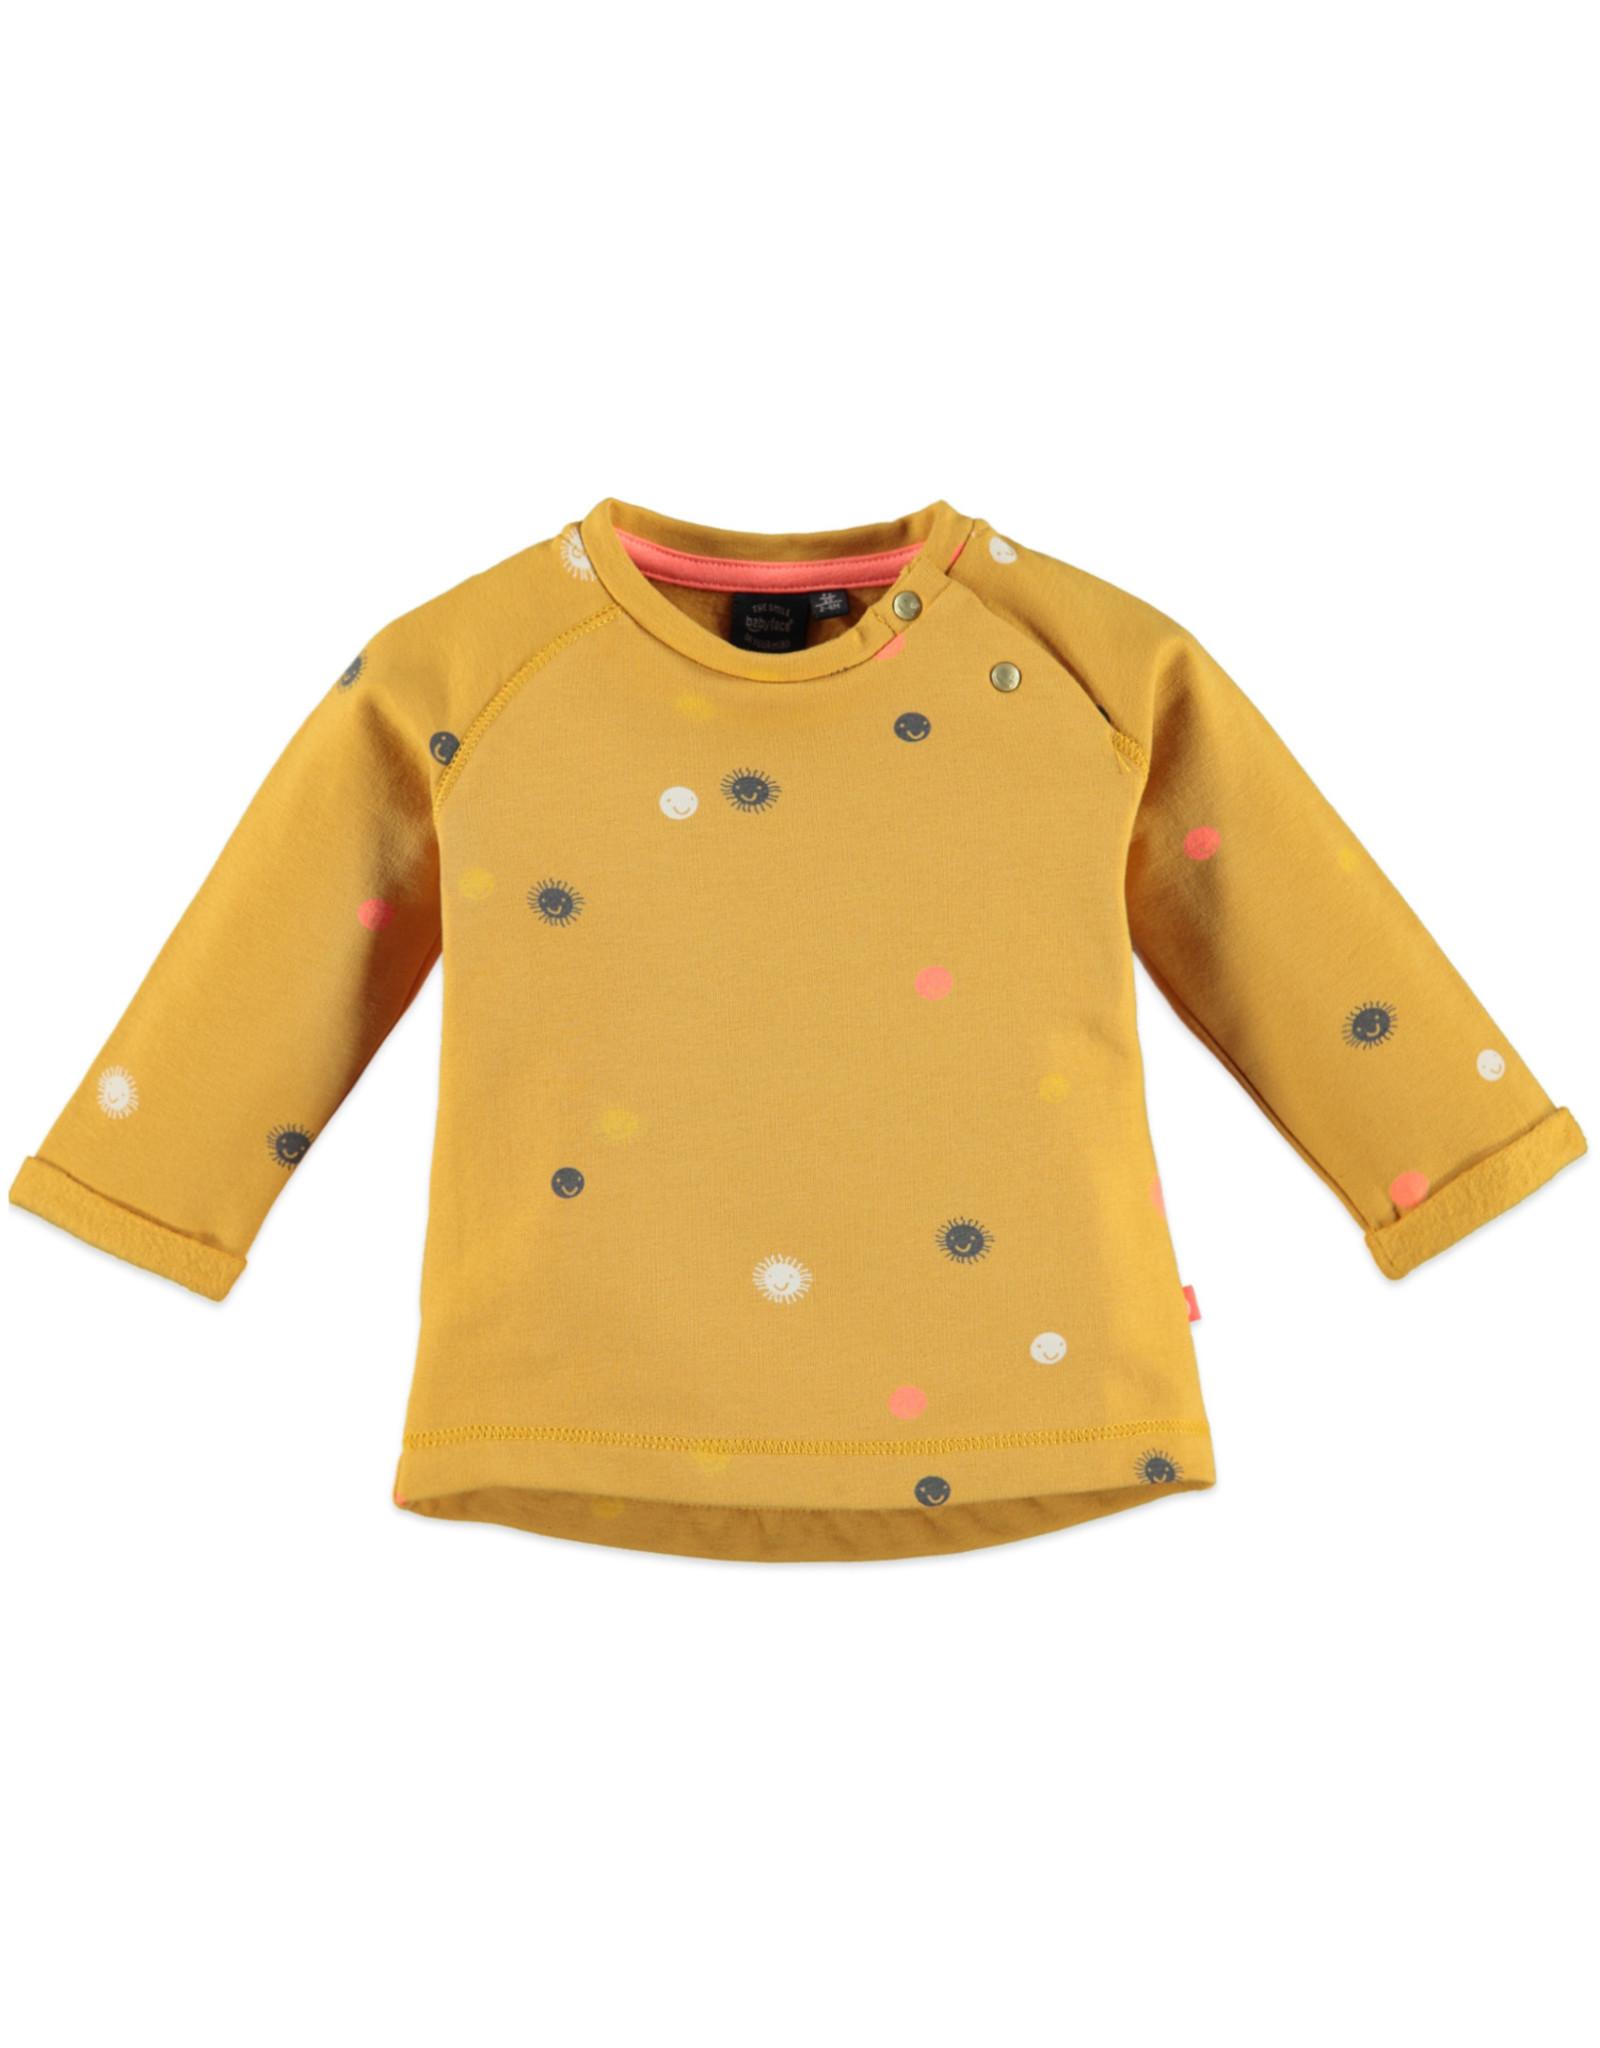 Babyface baby girls t-shirt long sleeve/ocher